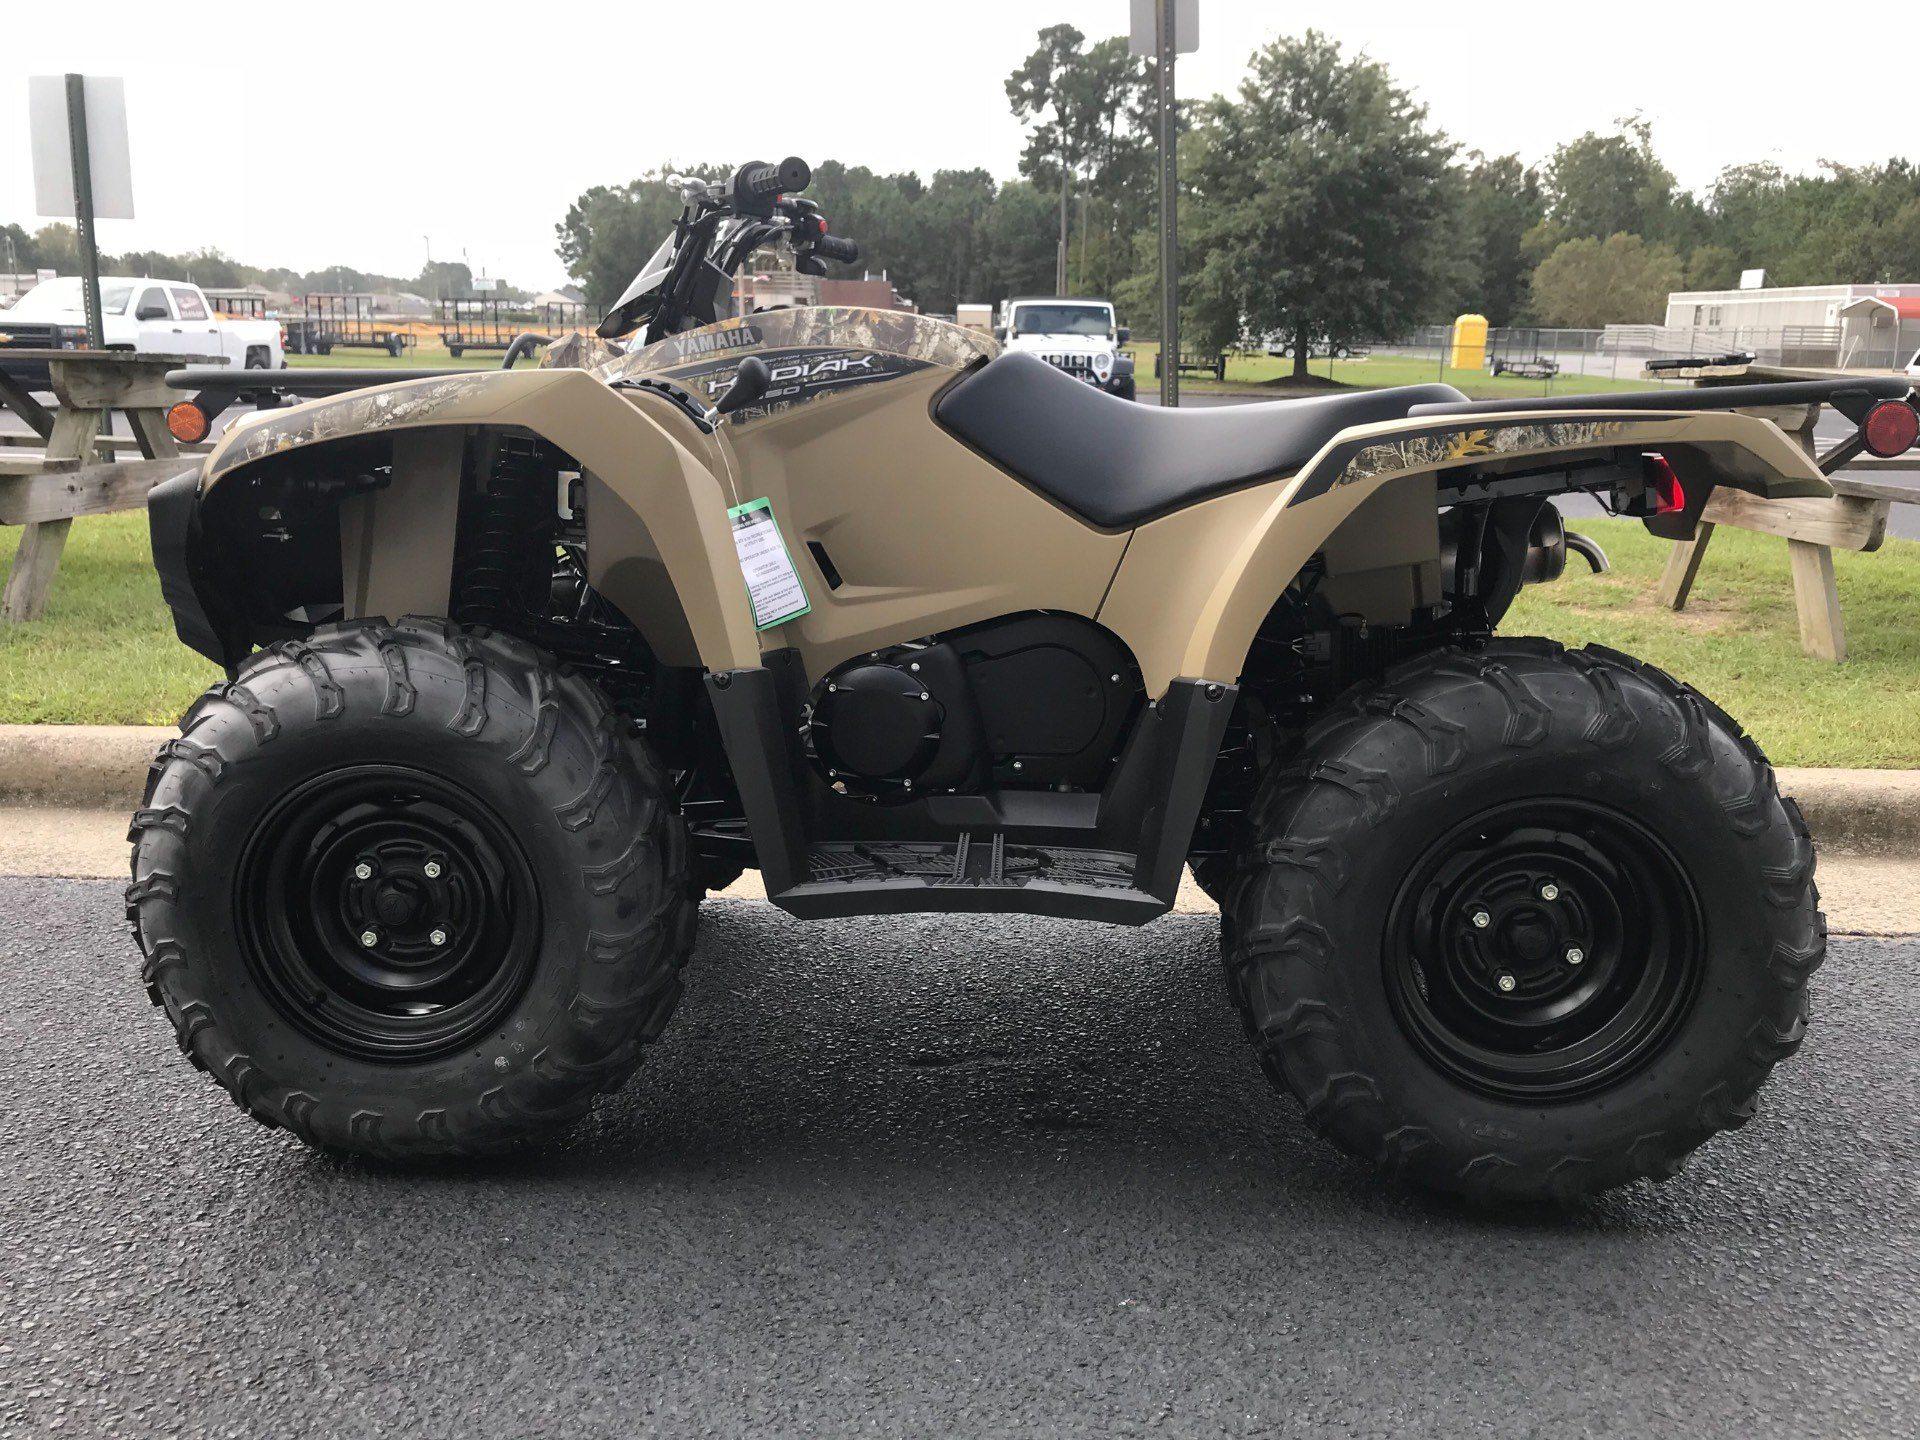 2019 Yamaha Kodiak 450 7